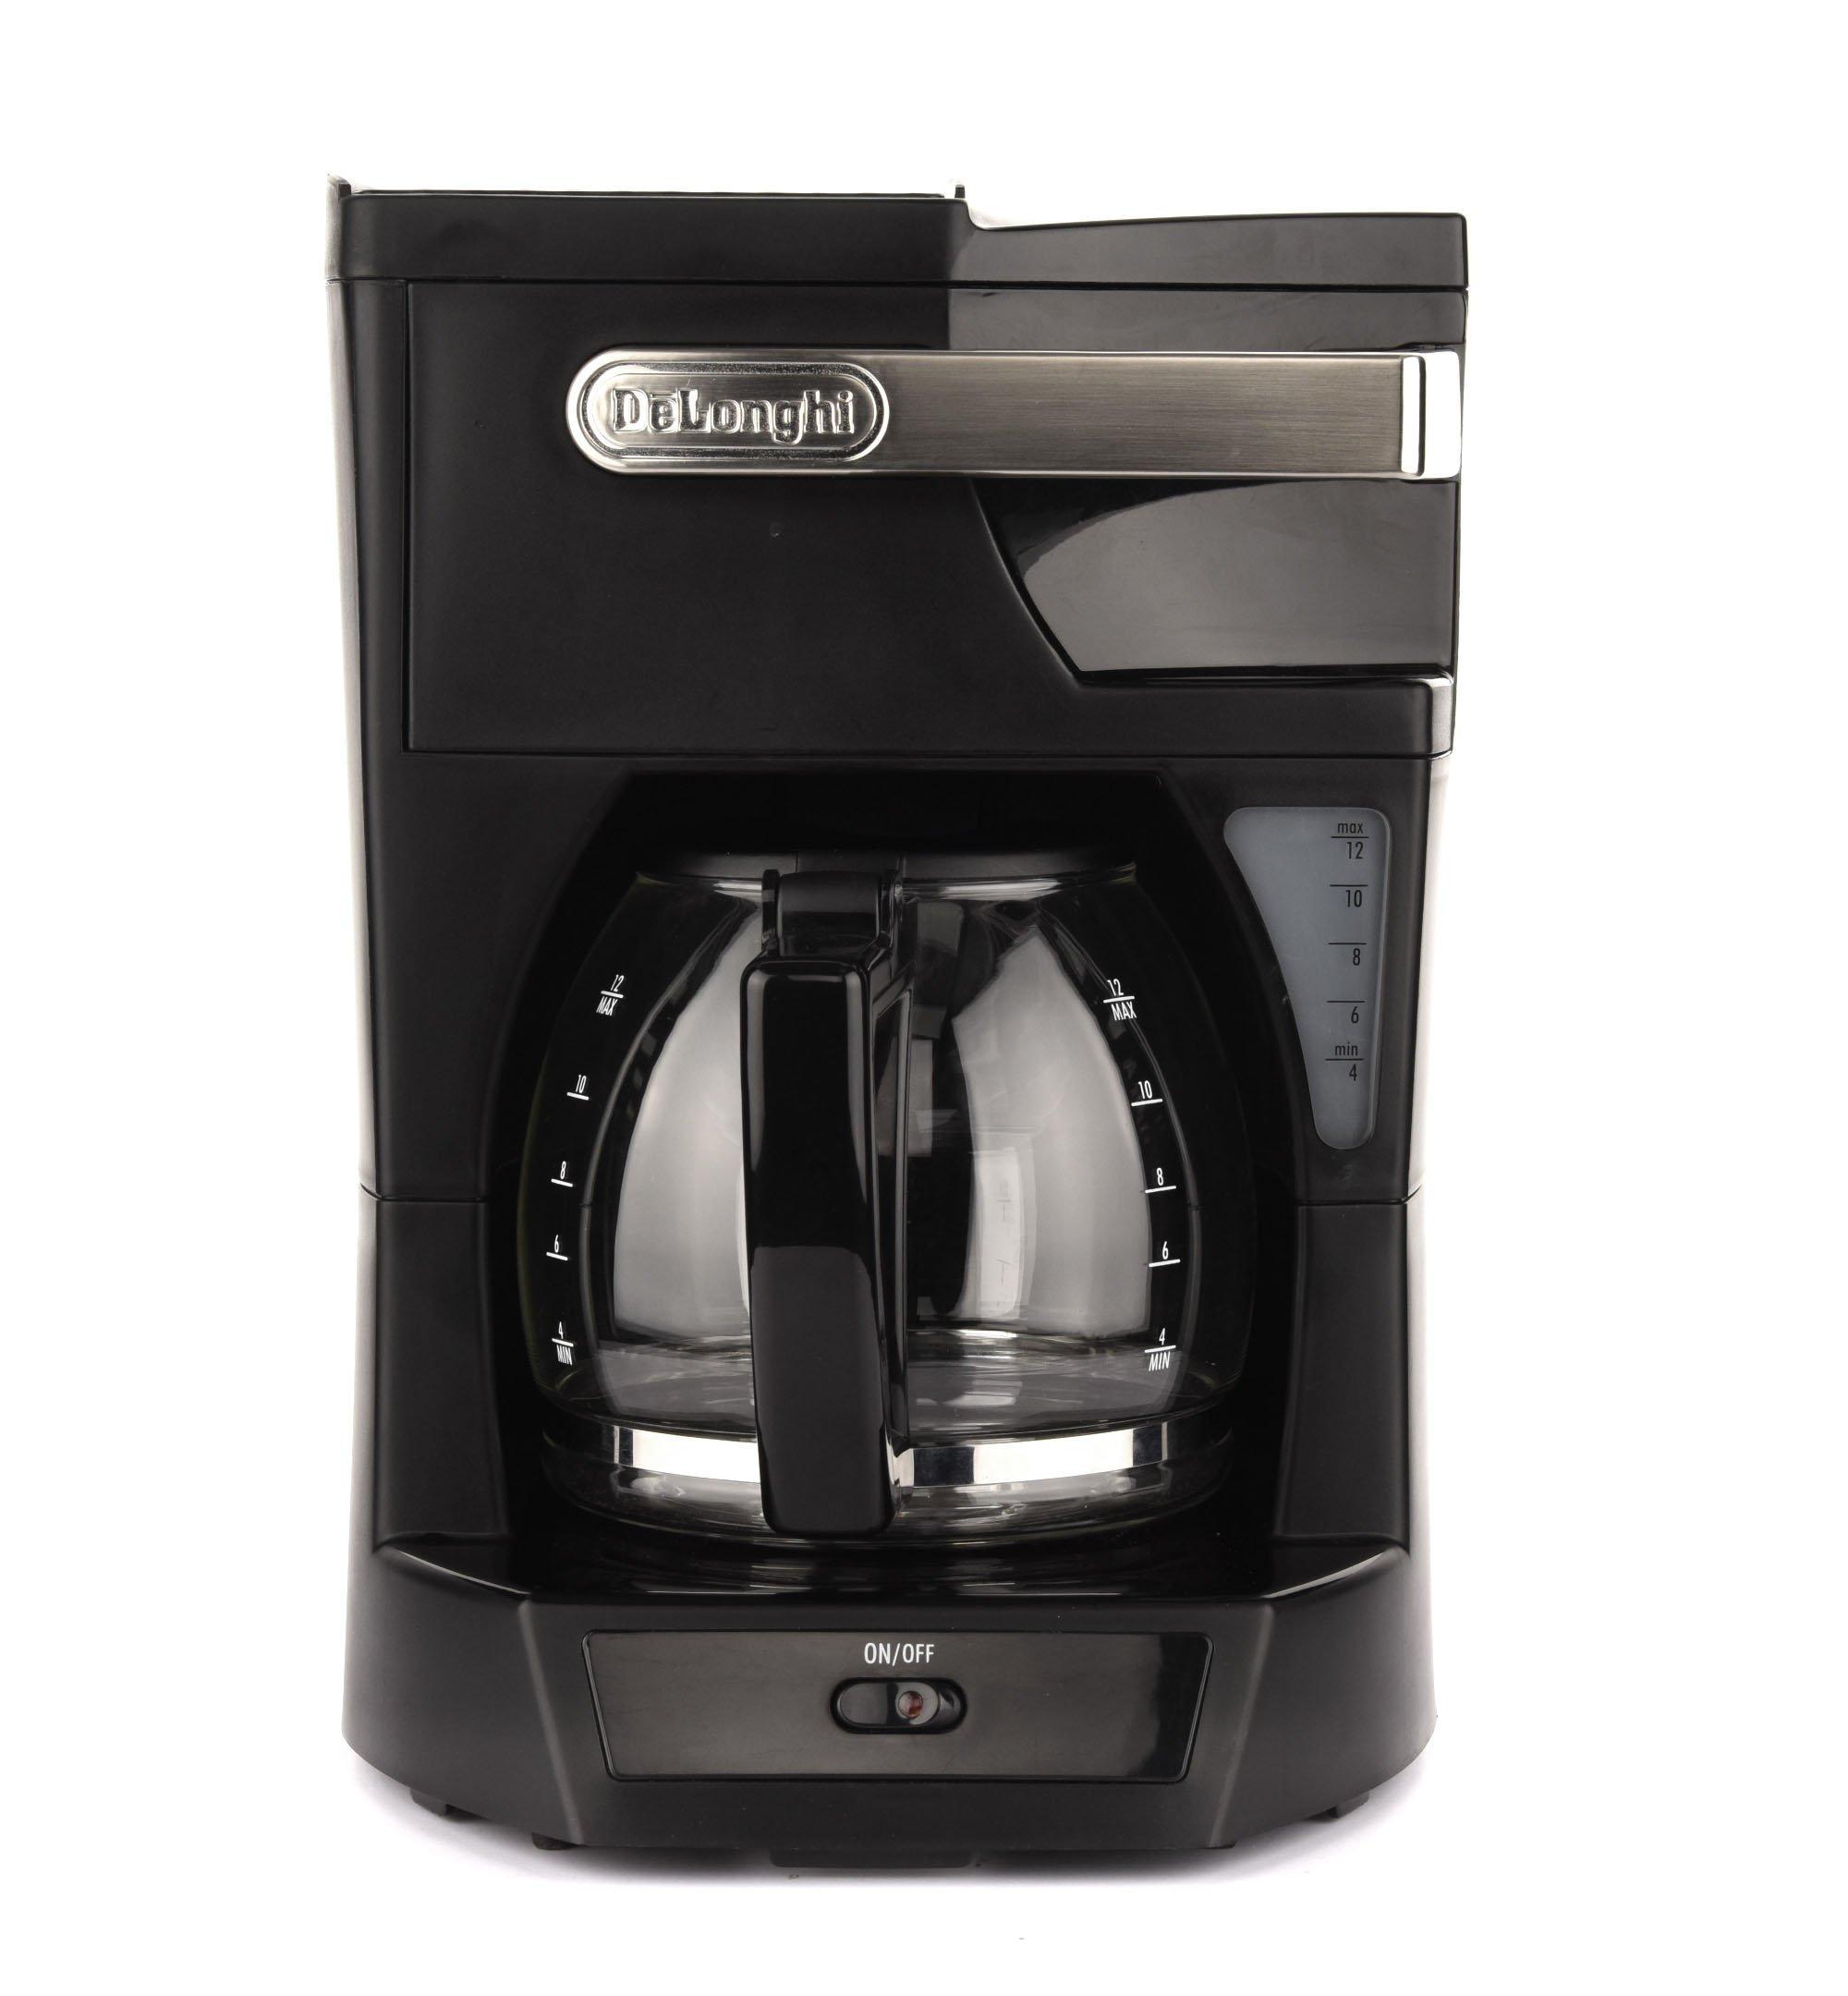 يندفع يقوة بالتساوي على جهاز تحضير القهوه الامريكيه Outofstepwineco Com